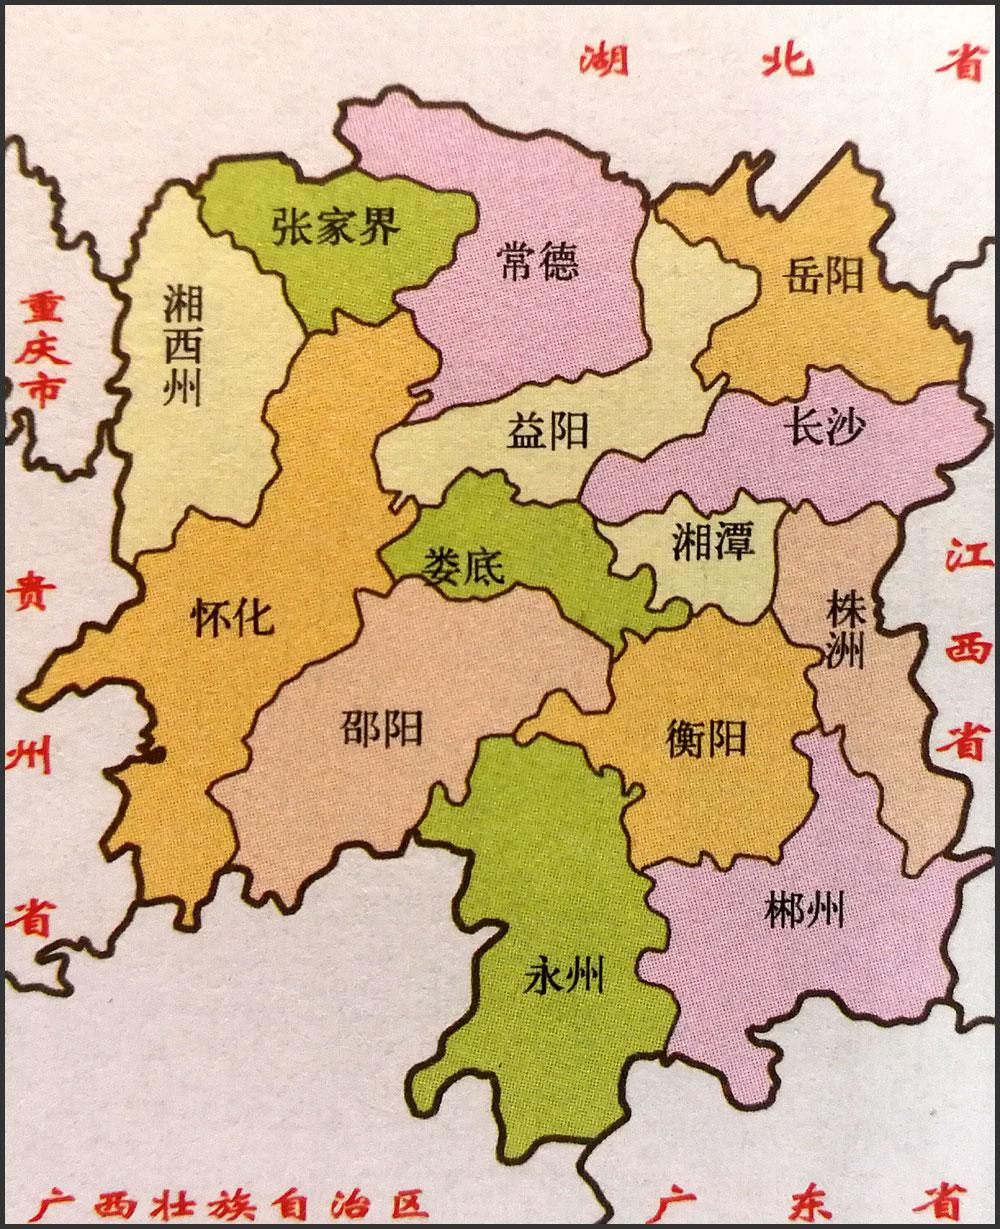 贵州省政区图_湖南地图简图_湖南地图库_地图窝